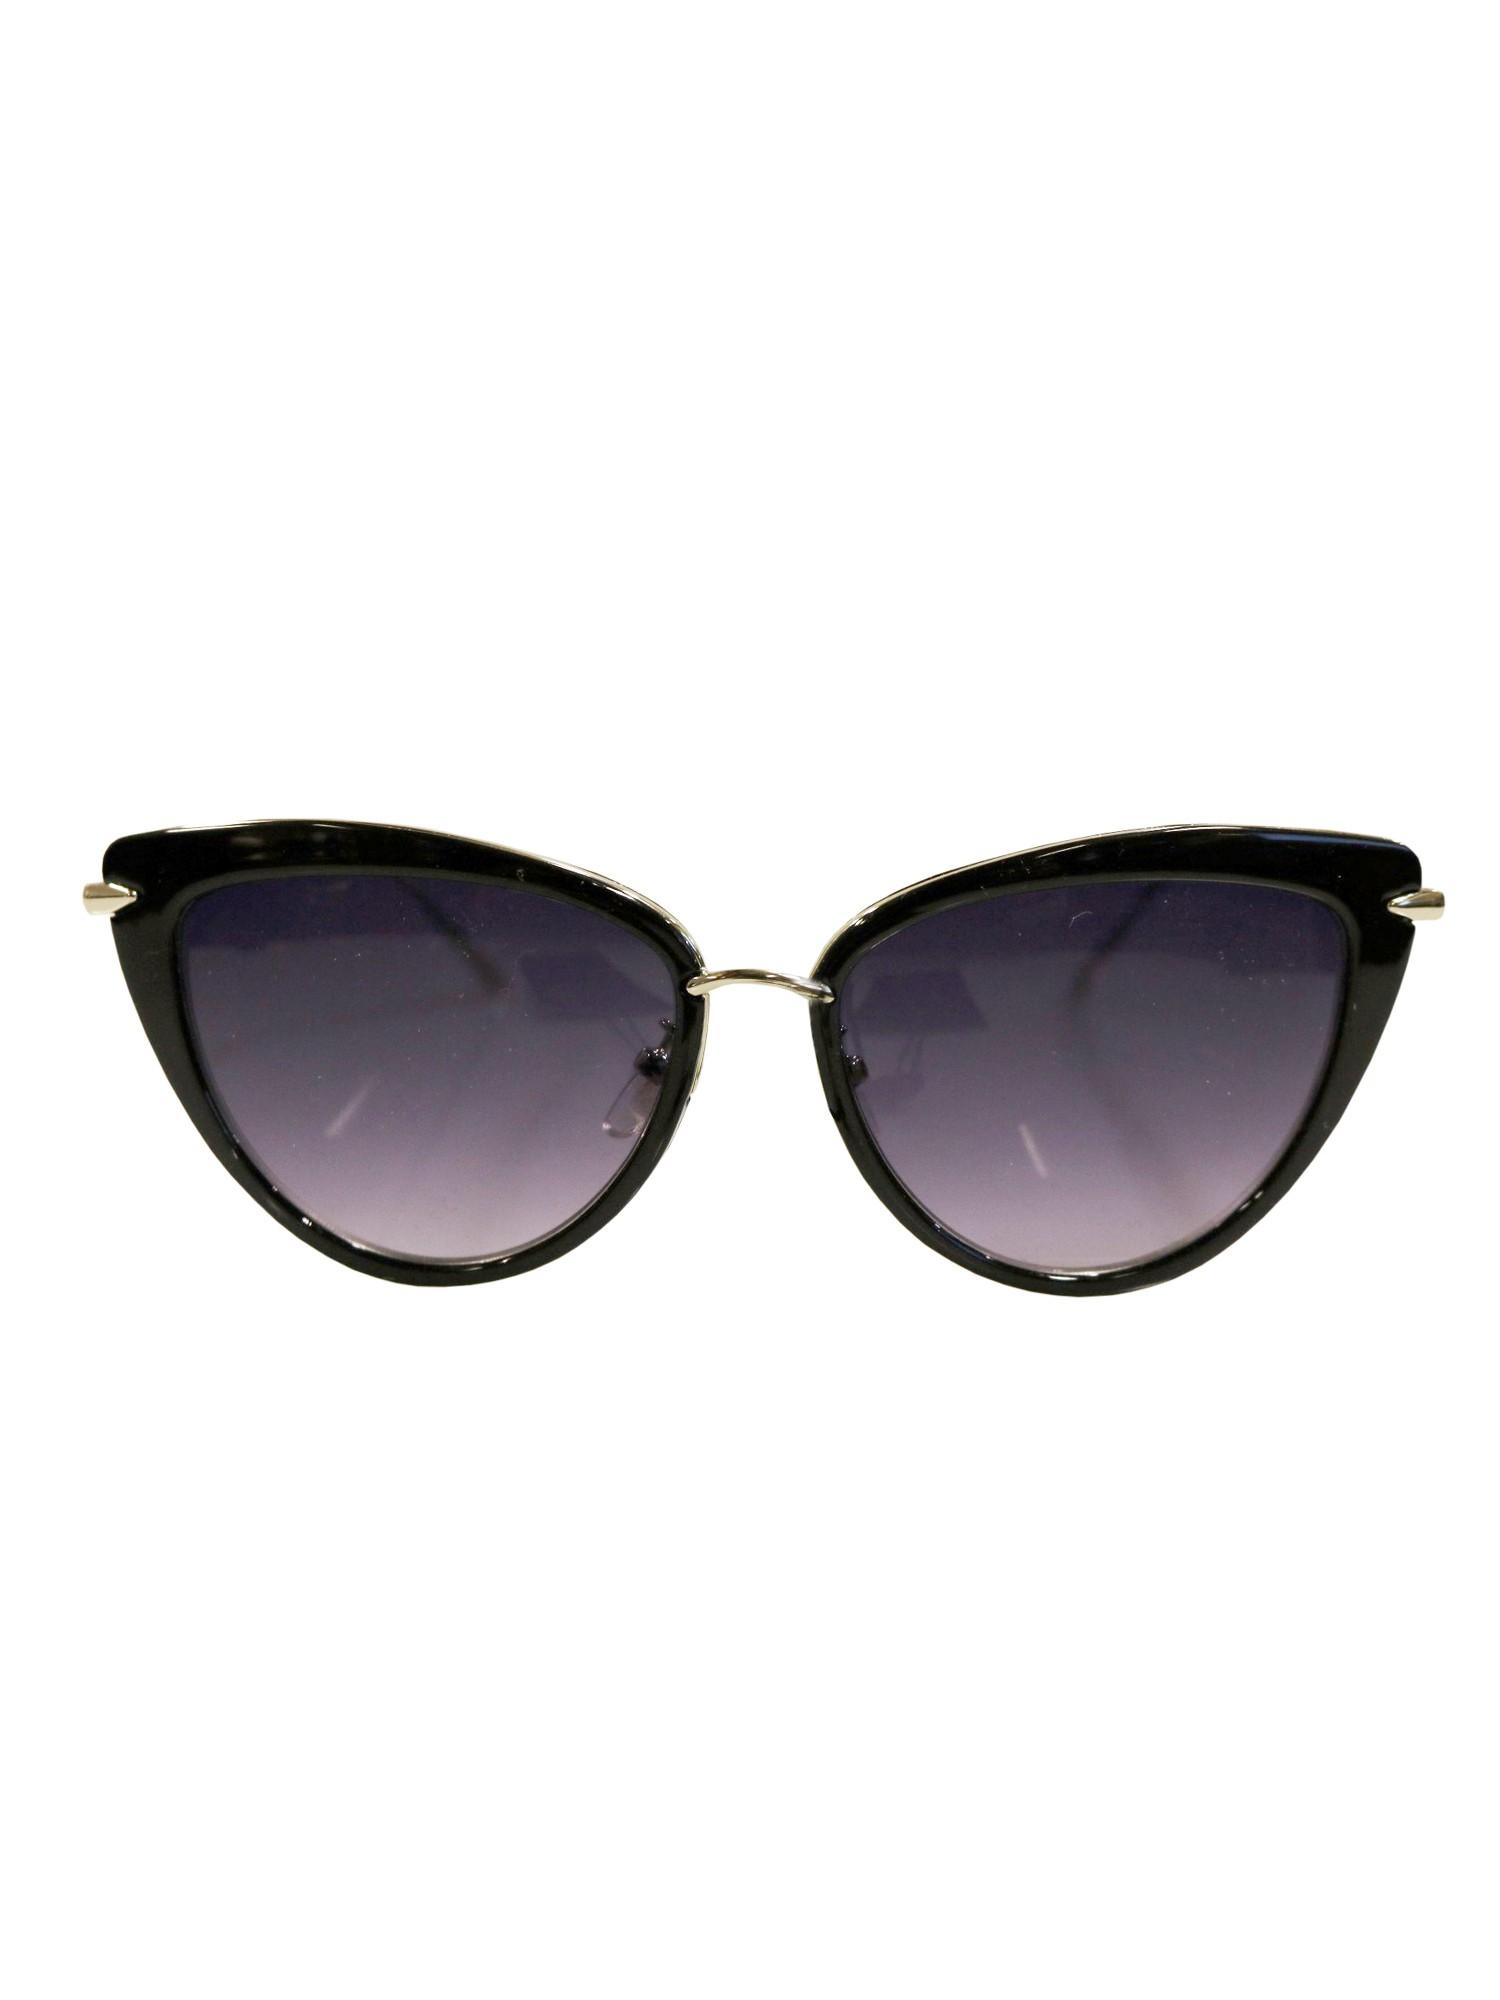 Große Cateye-Sonnenbrille Schwarz Q21az7